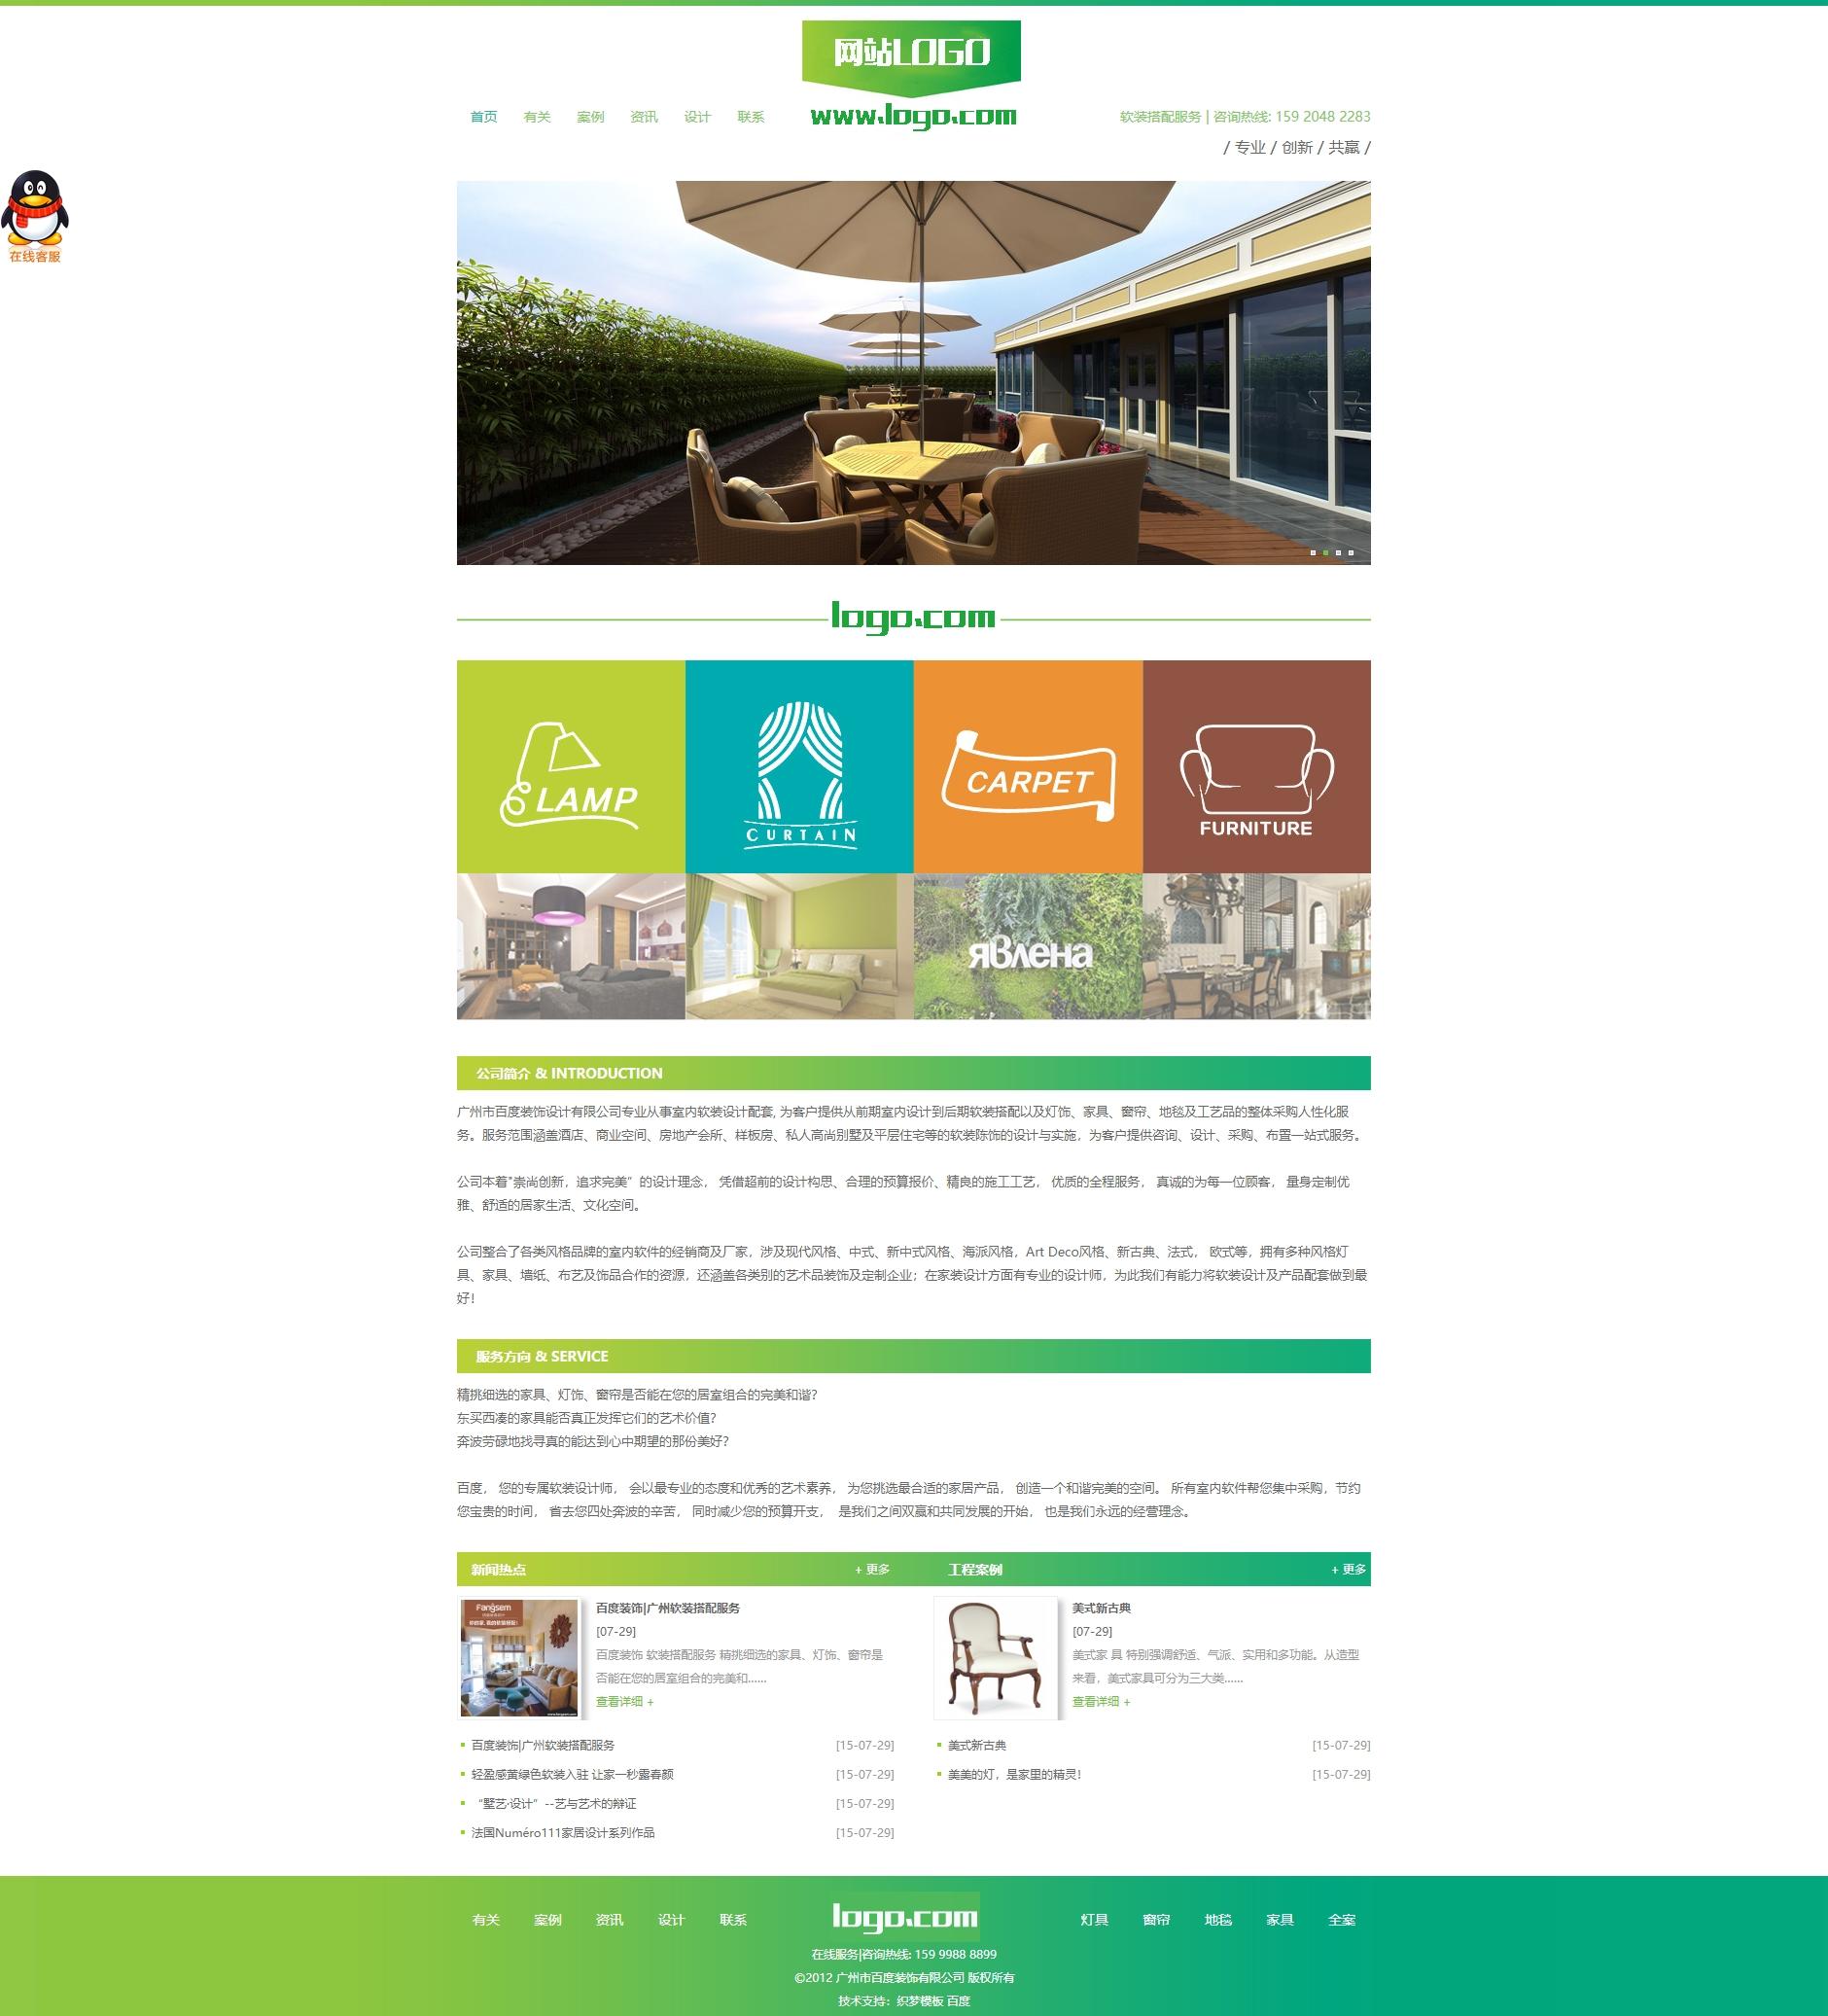 绿色室内装修装饰类公司企业织梦dedecms模板